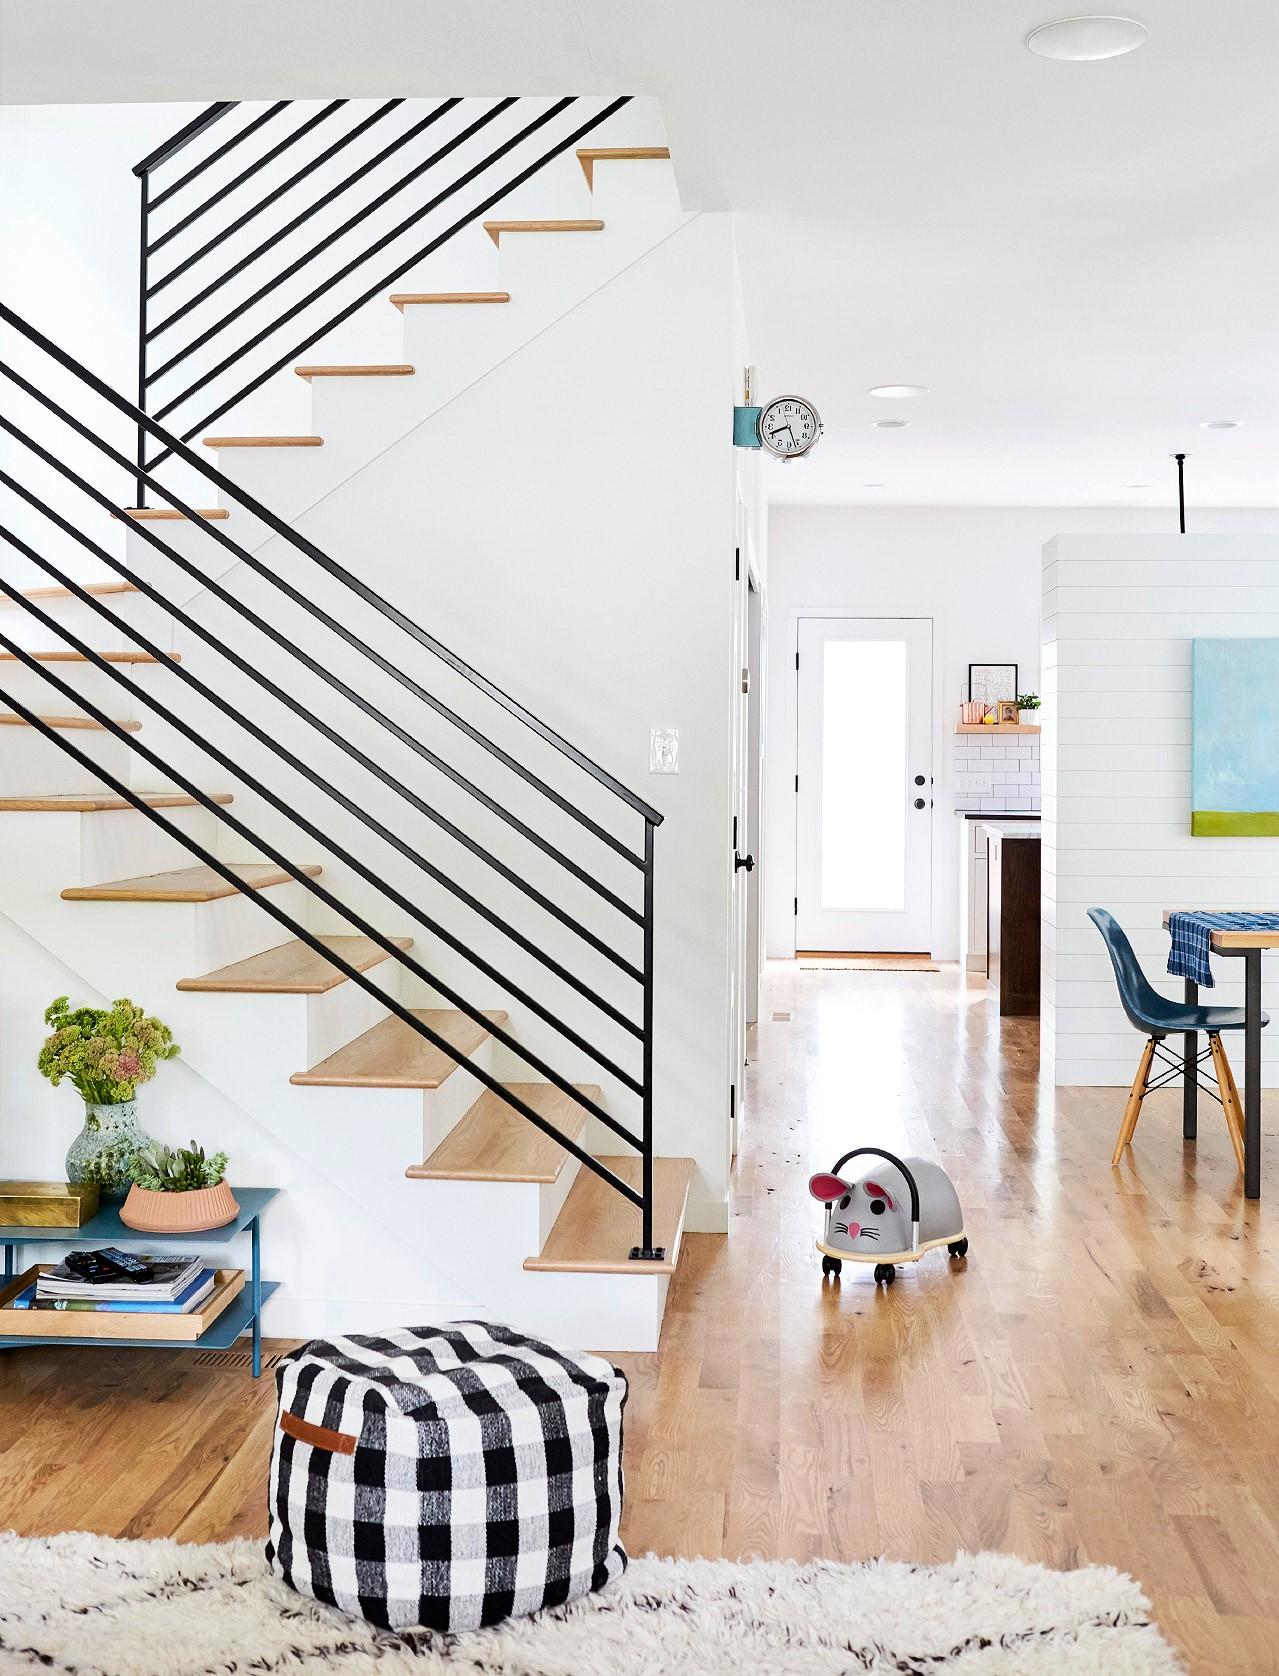 Les balustrades noires créent un bon contraste et rendent l'espace beaucoup plus moderne.